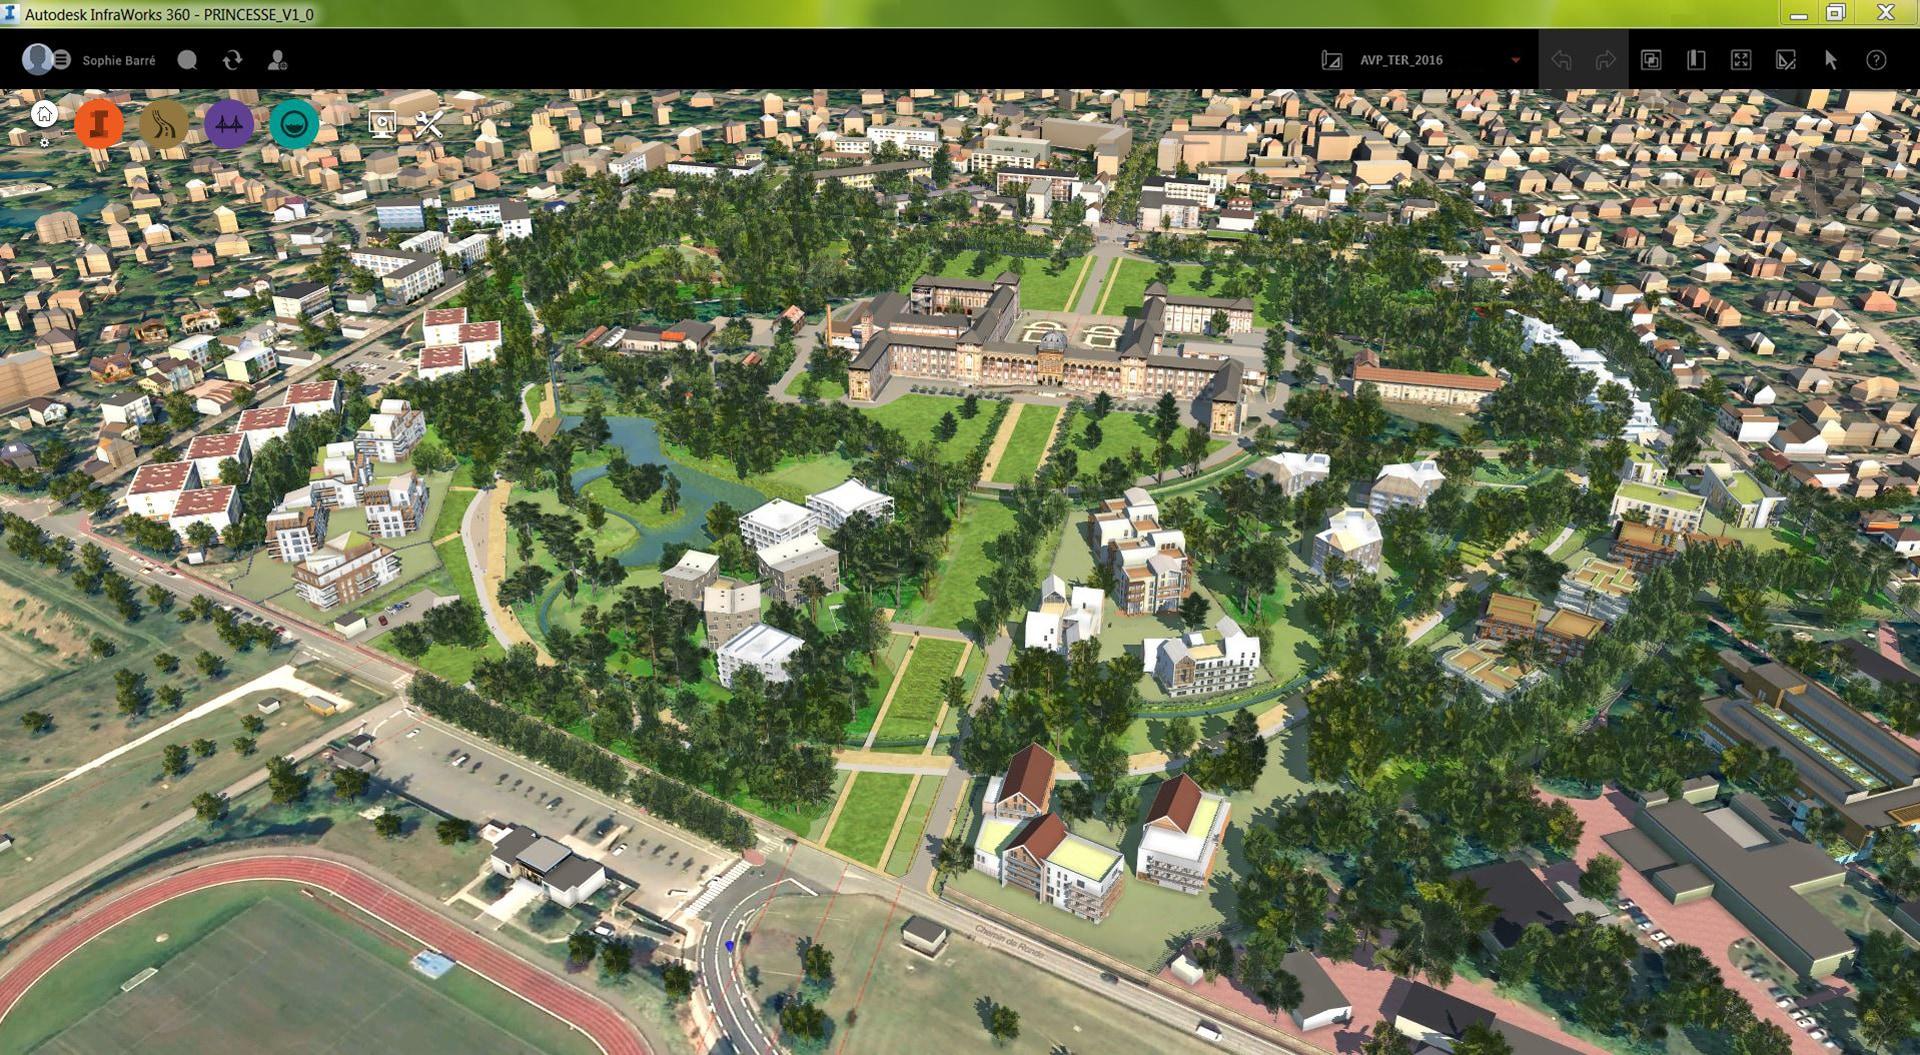 Überblick über den Parc Princesse